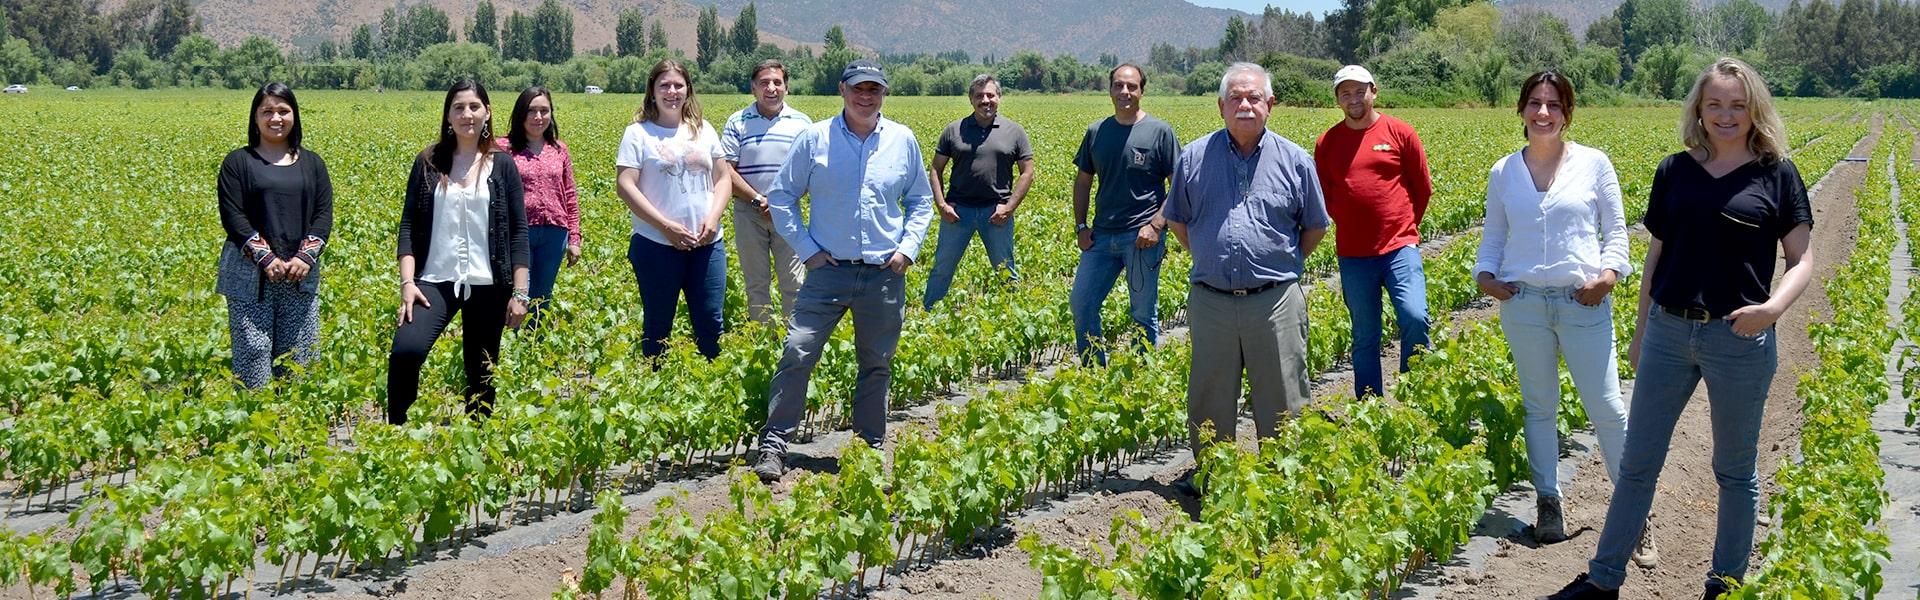 Viveros Nueva Vid apuesta por la producción de cerezos y kiwis así como la obtención de nuevas licencias